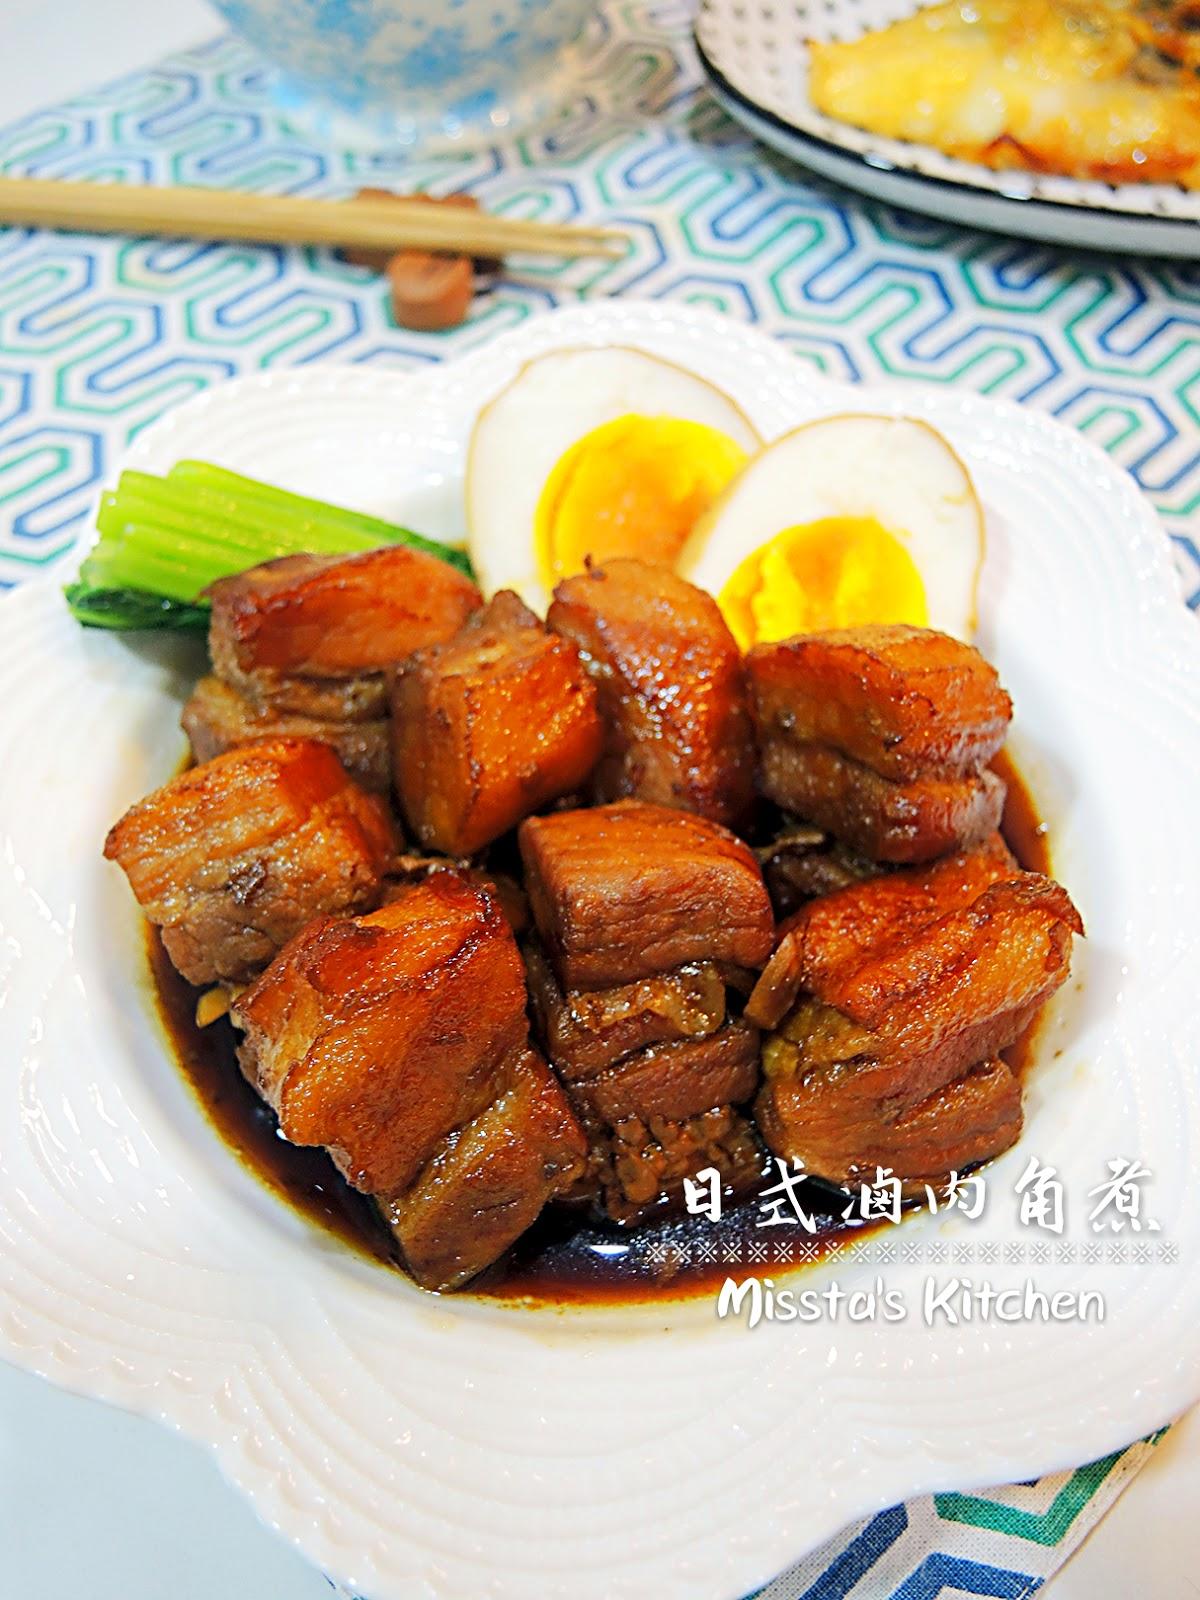 Missta's Kitchen: 日式豚肉角煮 Japanese Pork Stew